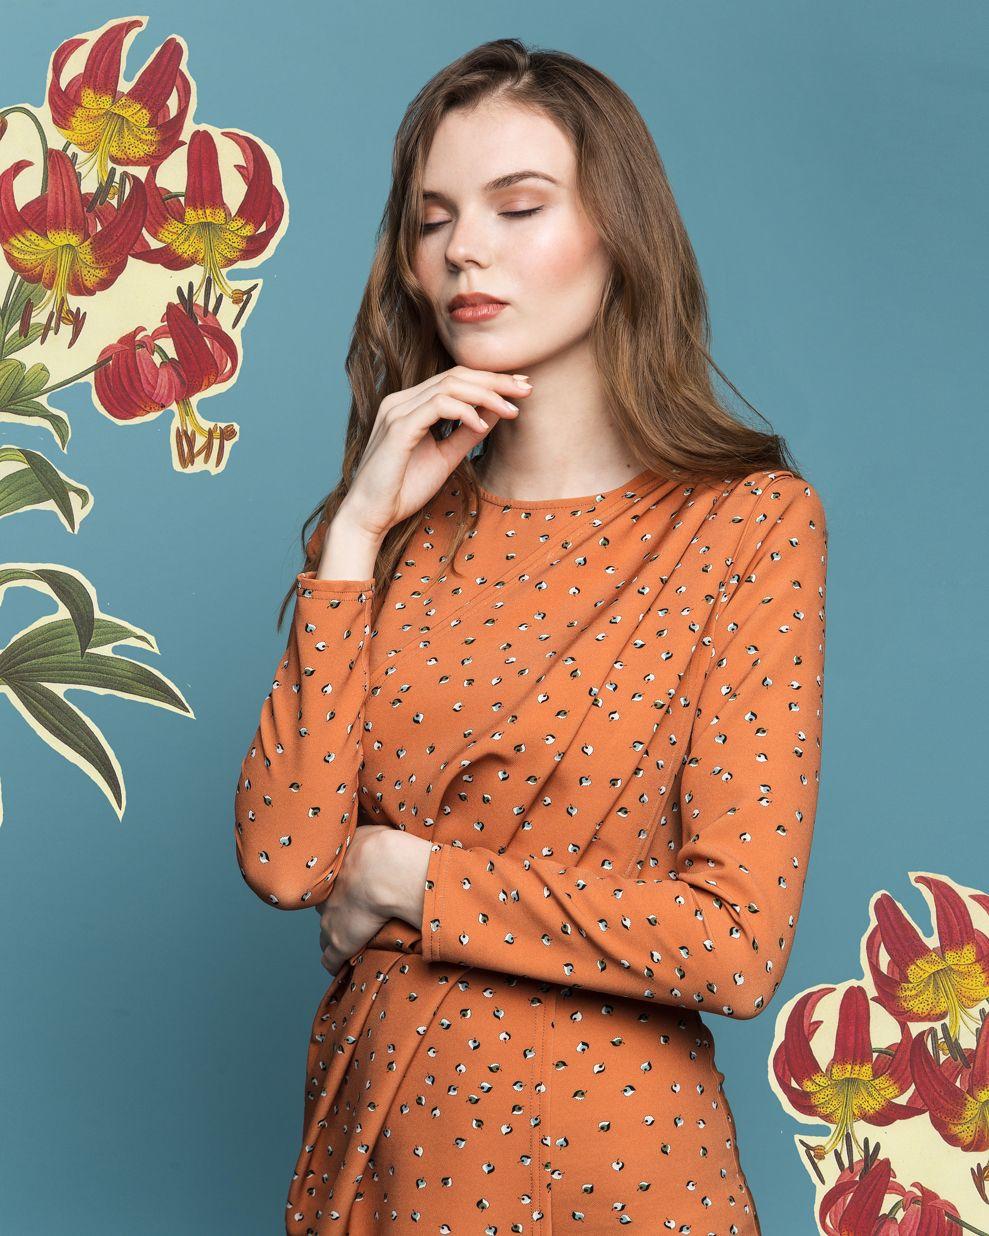 Оранжевое платье с жаккардовым узором